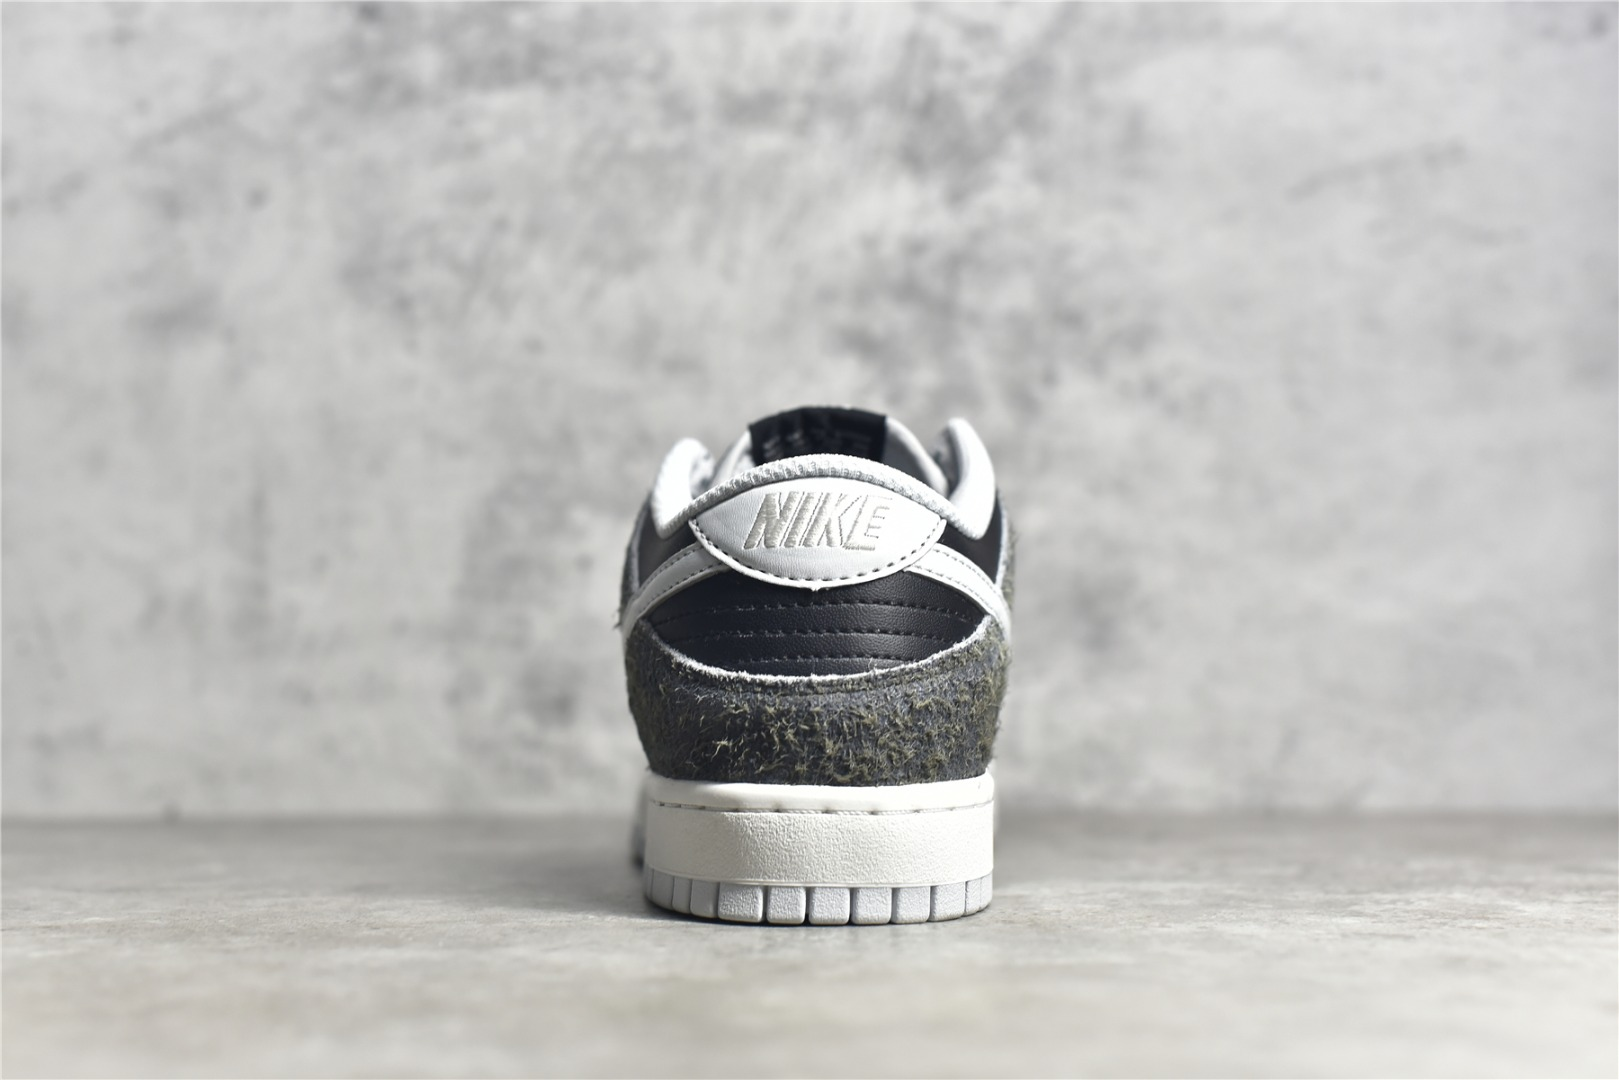 耐克Dunk灰黑色斑马低帮板鞋 Nike Dunk Low Retro PRM 莆田耐克黑色低帮运动校园板鞋 货号:DH7913-001-潮流者之家